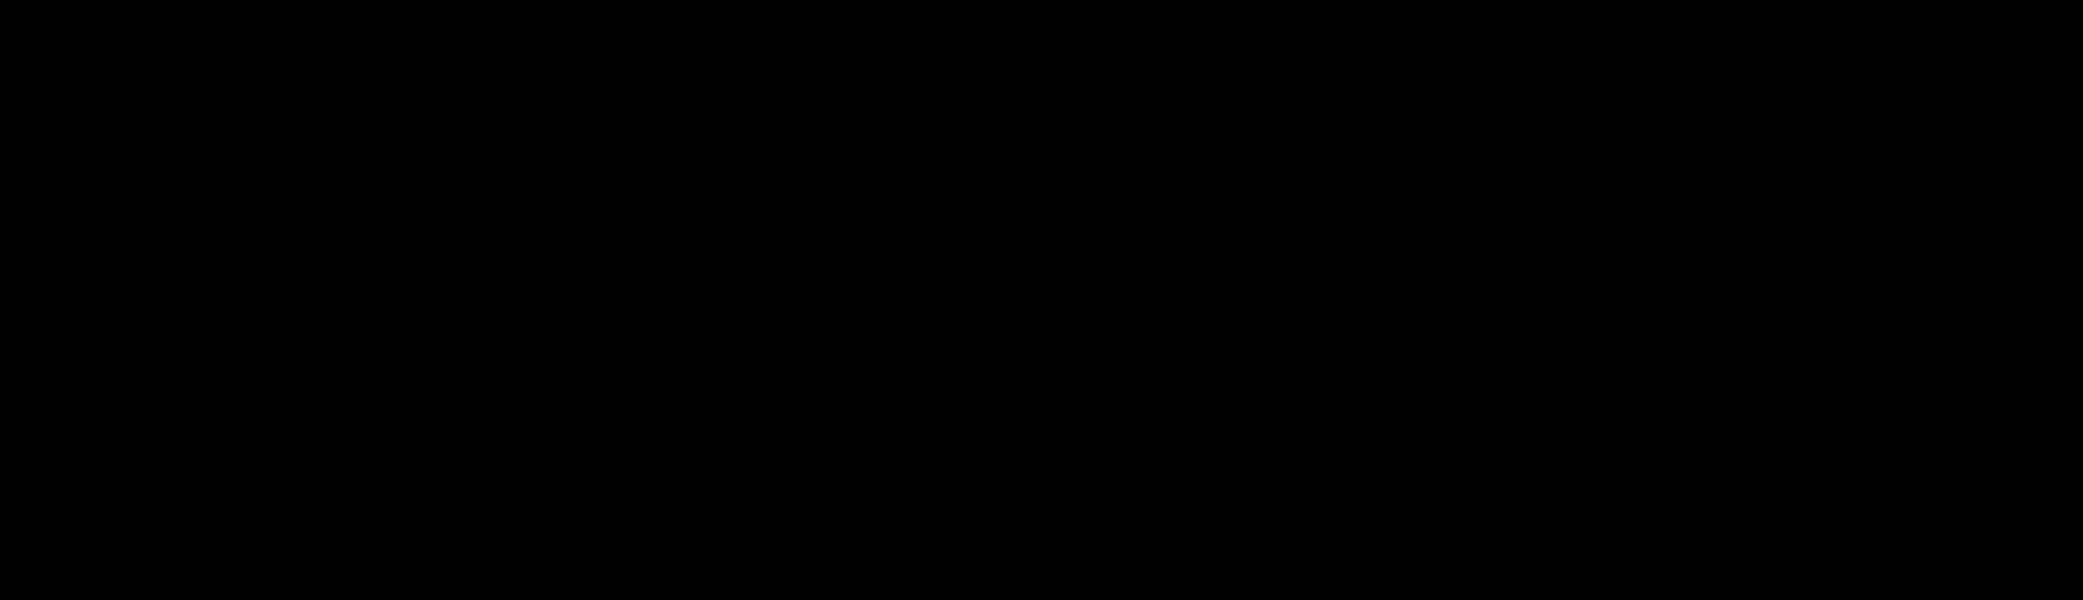 Kum-Organizasyon-Siyahlogo-organizasyon-menajerlik